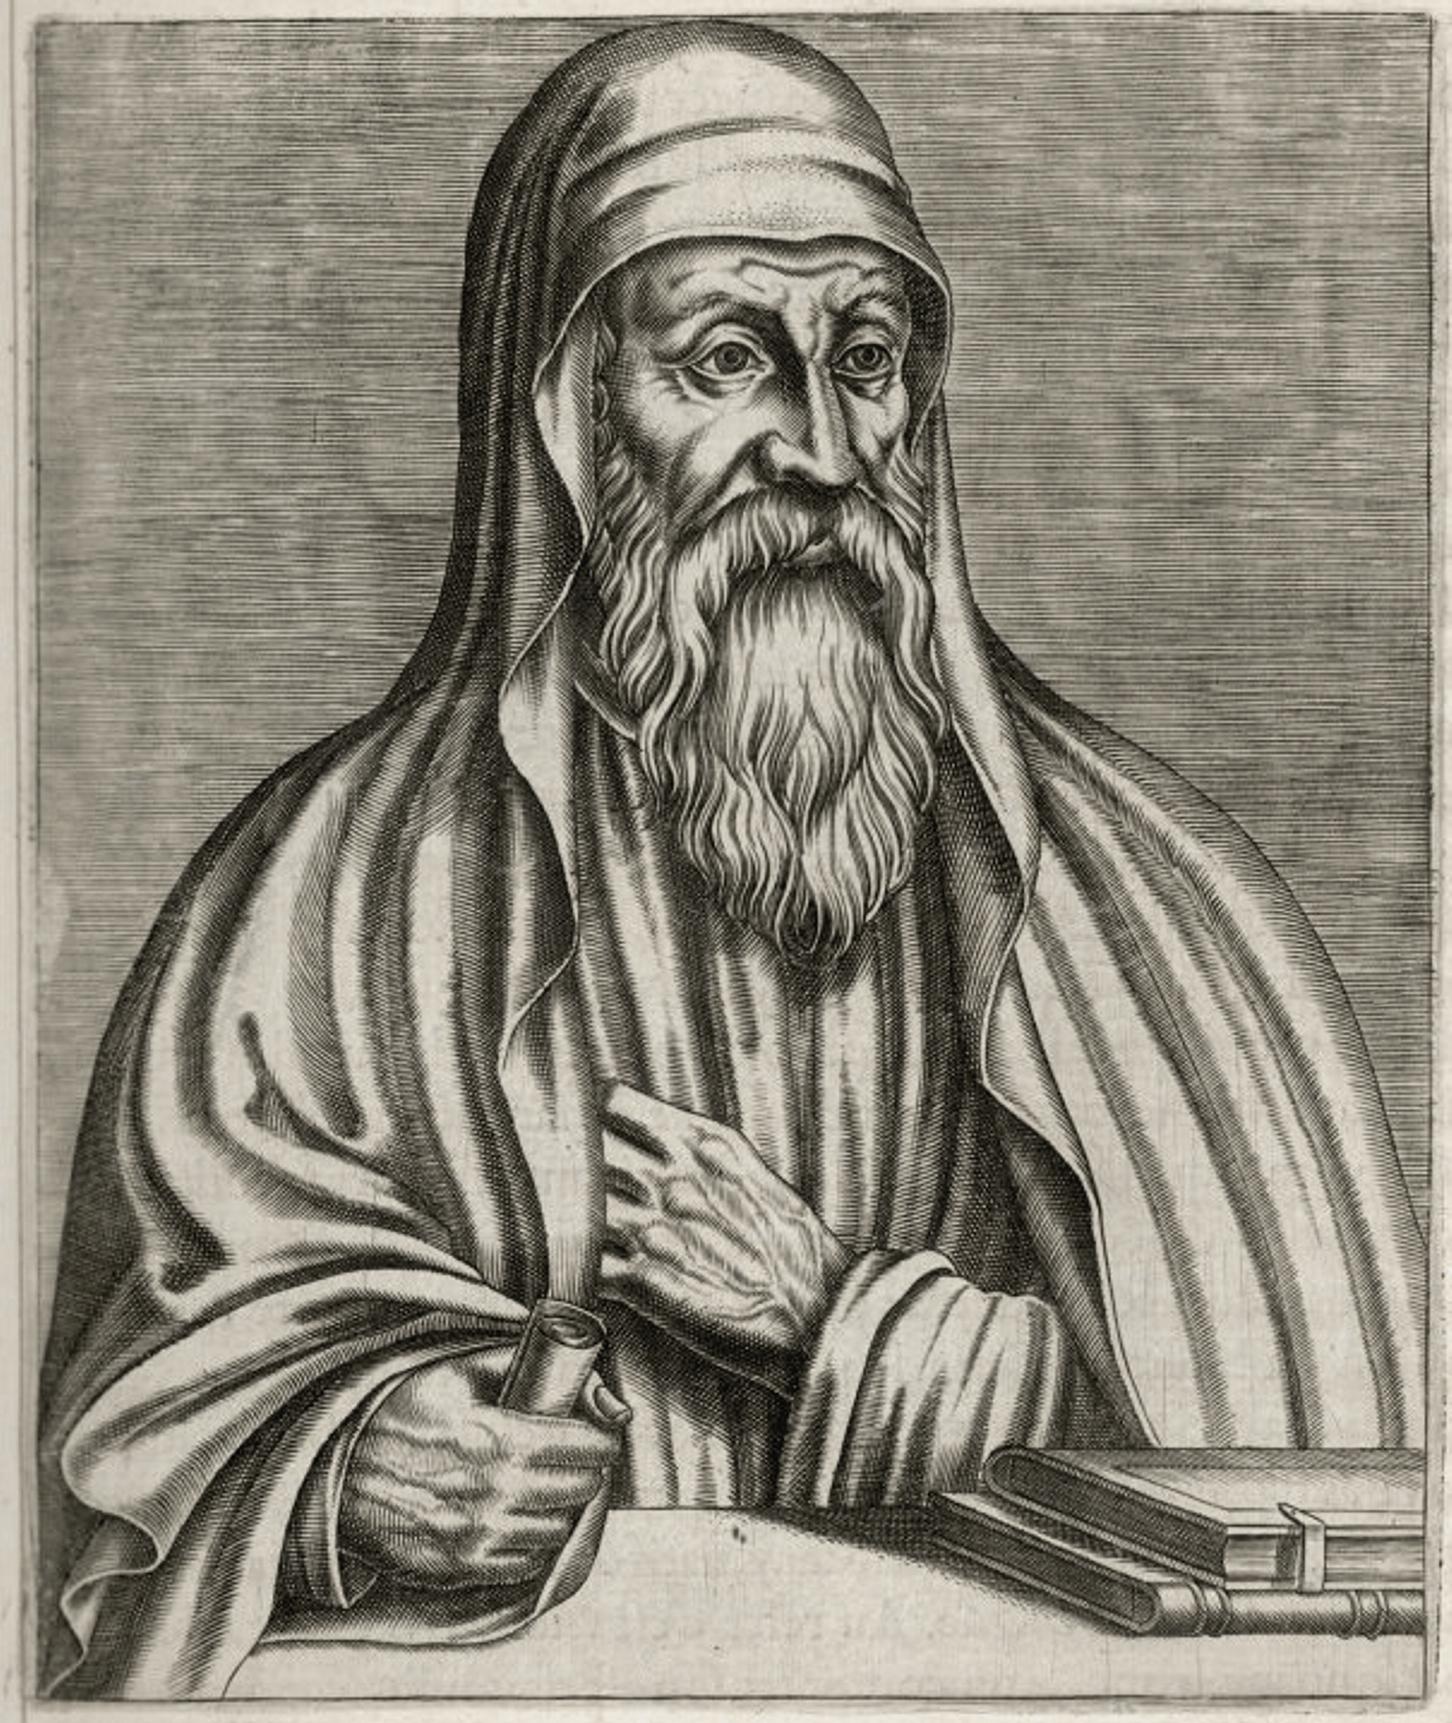 Ο Ωριγένης, αν και πίστευε στη μετενσάρκωση, εθεωρείτο ο μεγαλύτερος χριστιανός θεολόγος της εποχής του